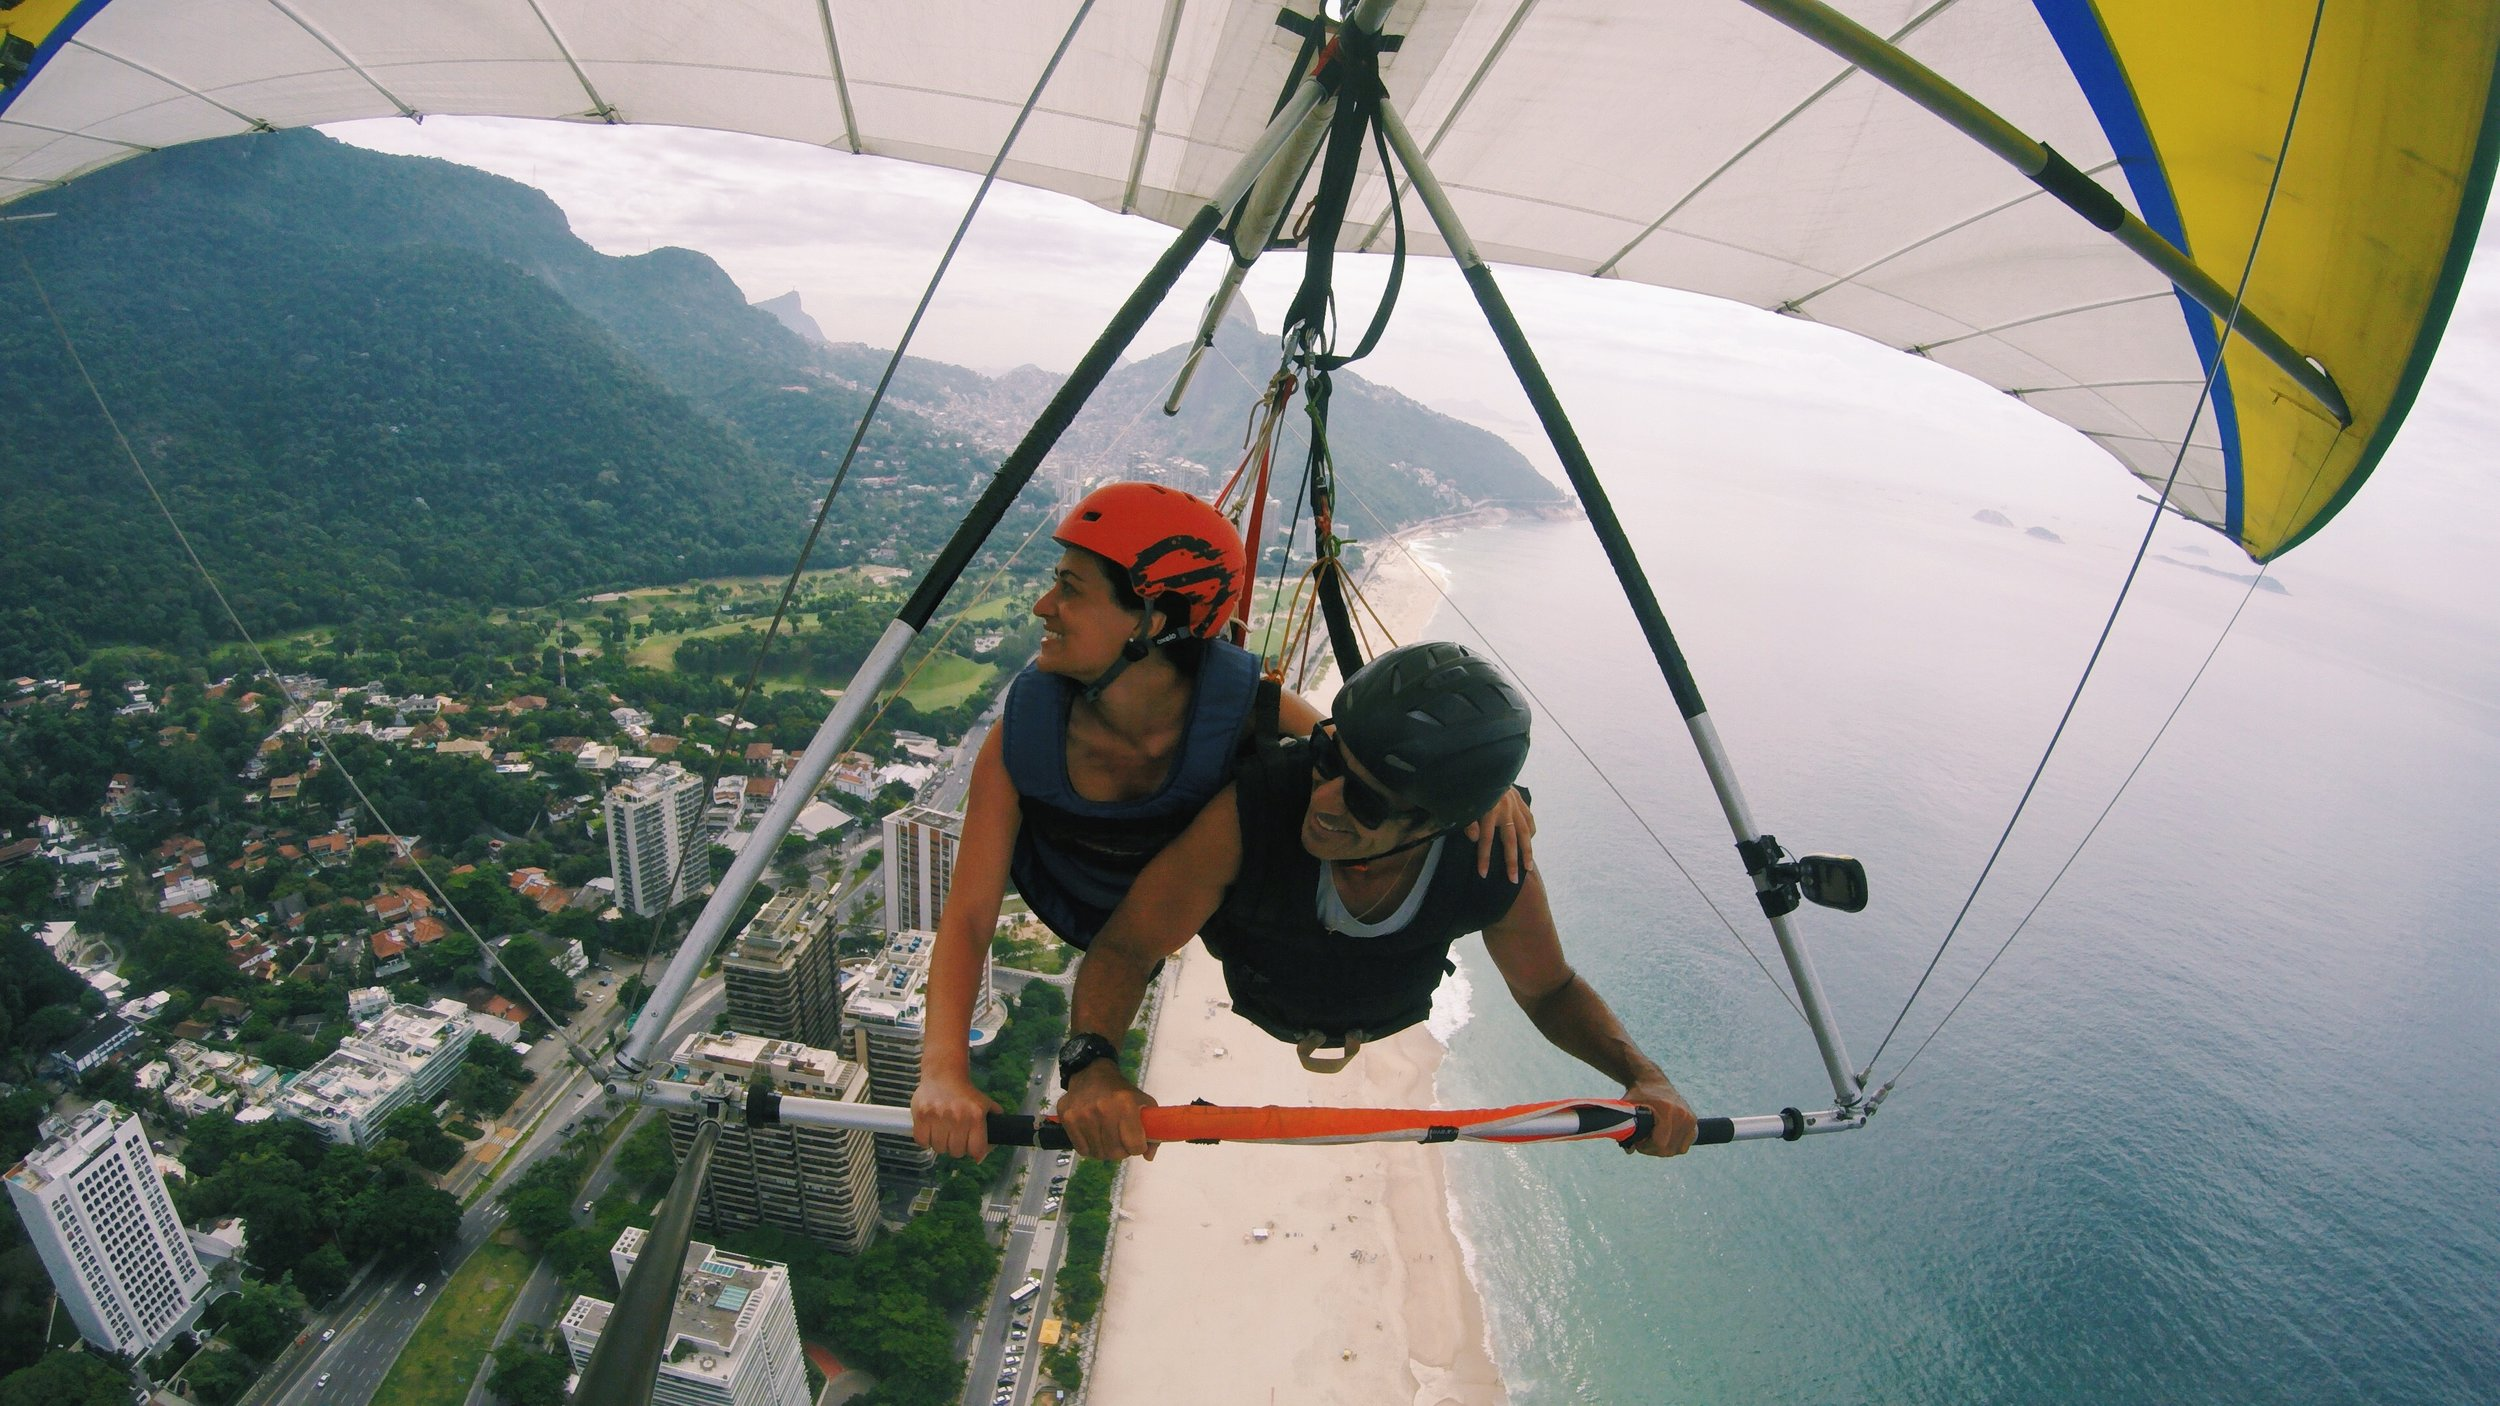 Hang-gliding into 25 over Rio